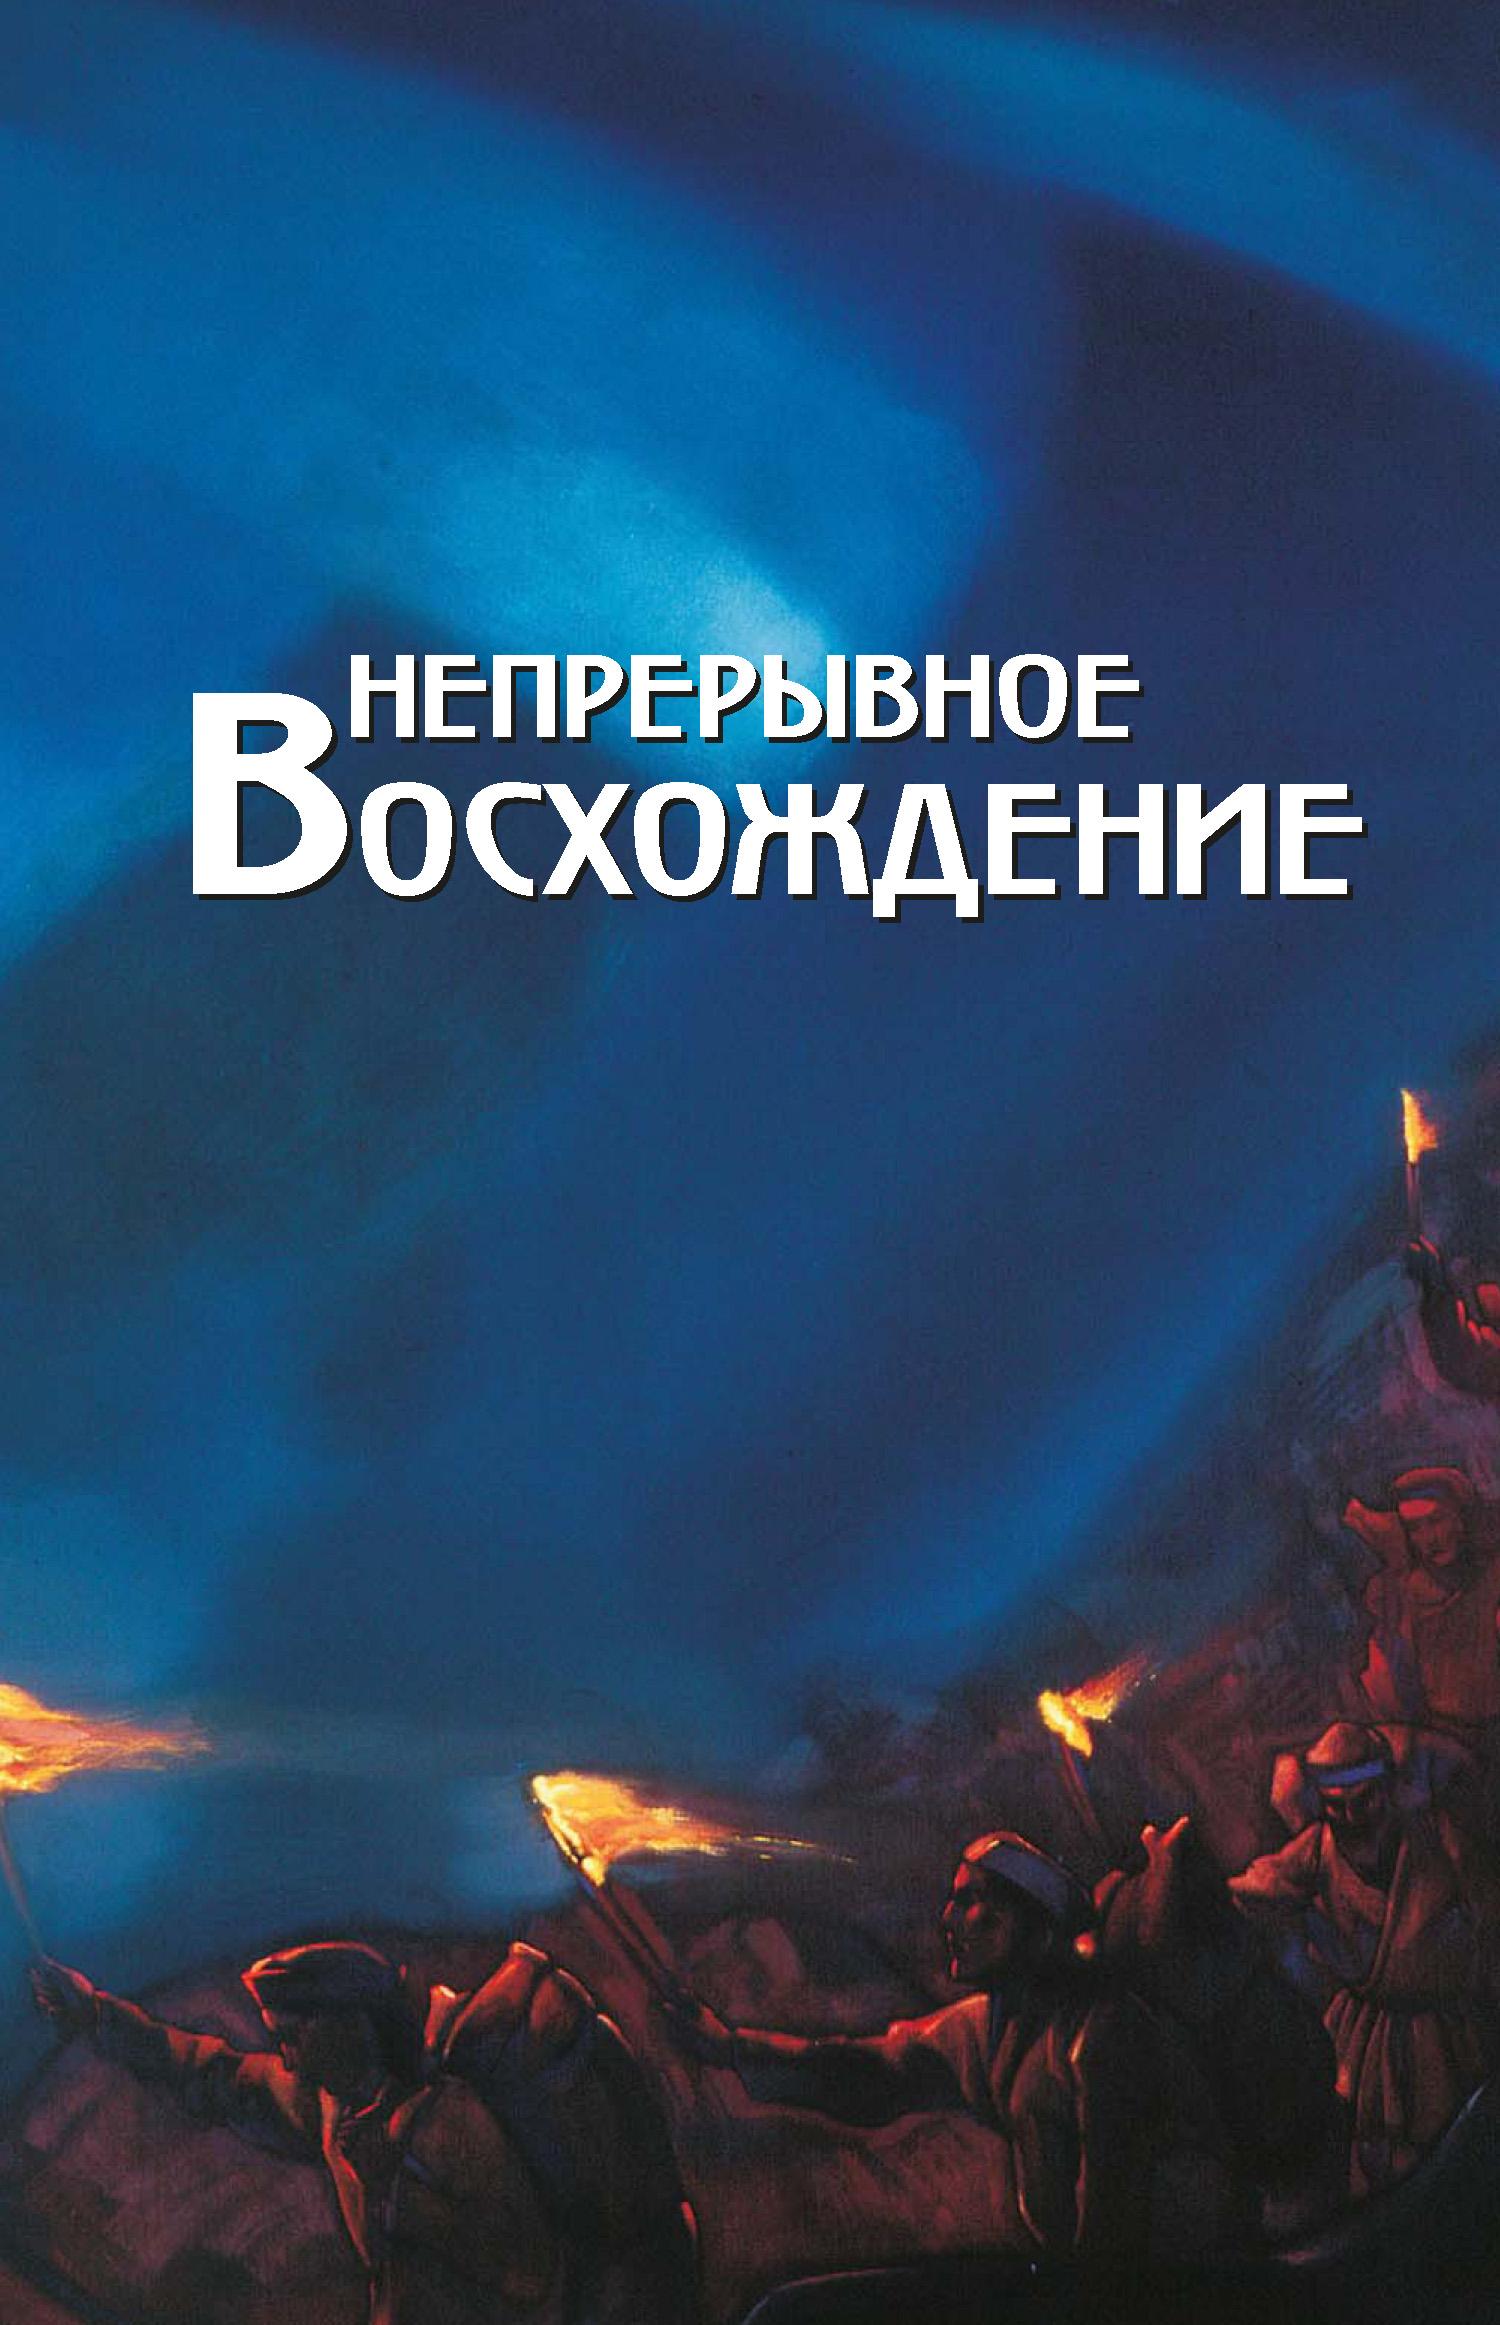 Непрерывное восхождение. Том 2, часть 2. Сборник, посвященный 90-летию со дня рождения П. Ф. Беликова. Письма (1976-1981)